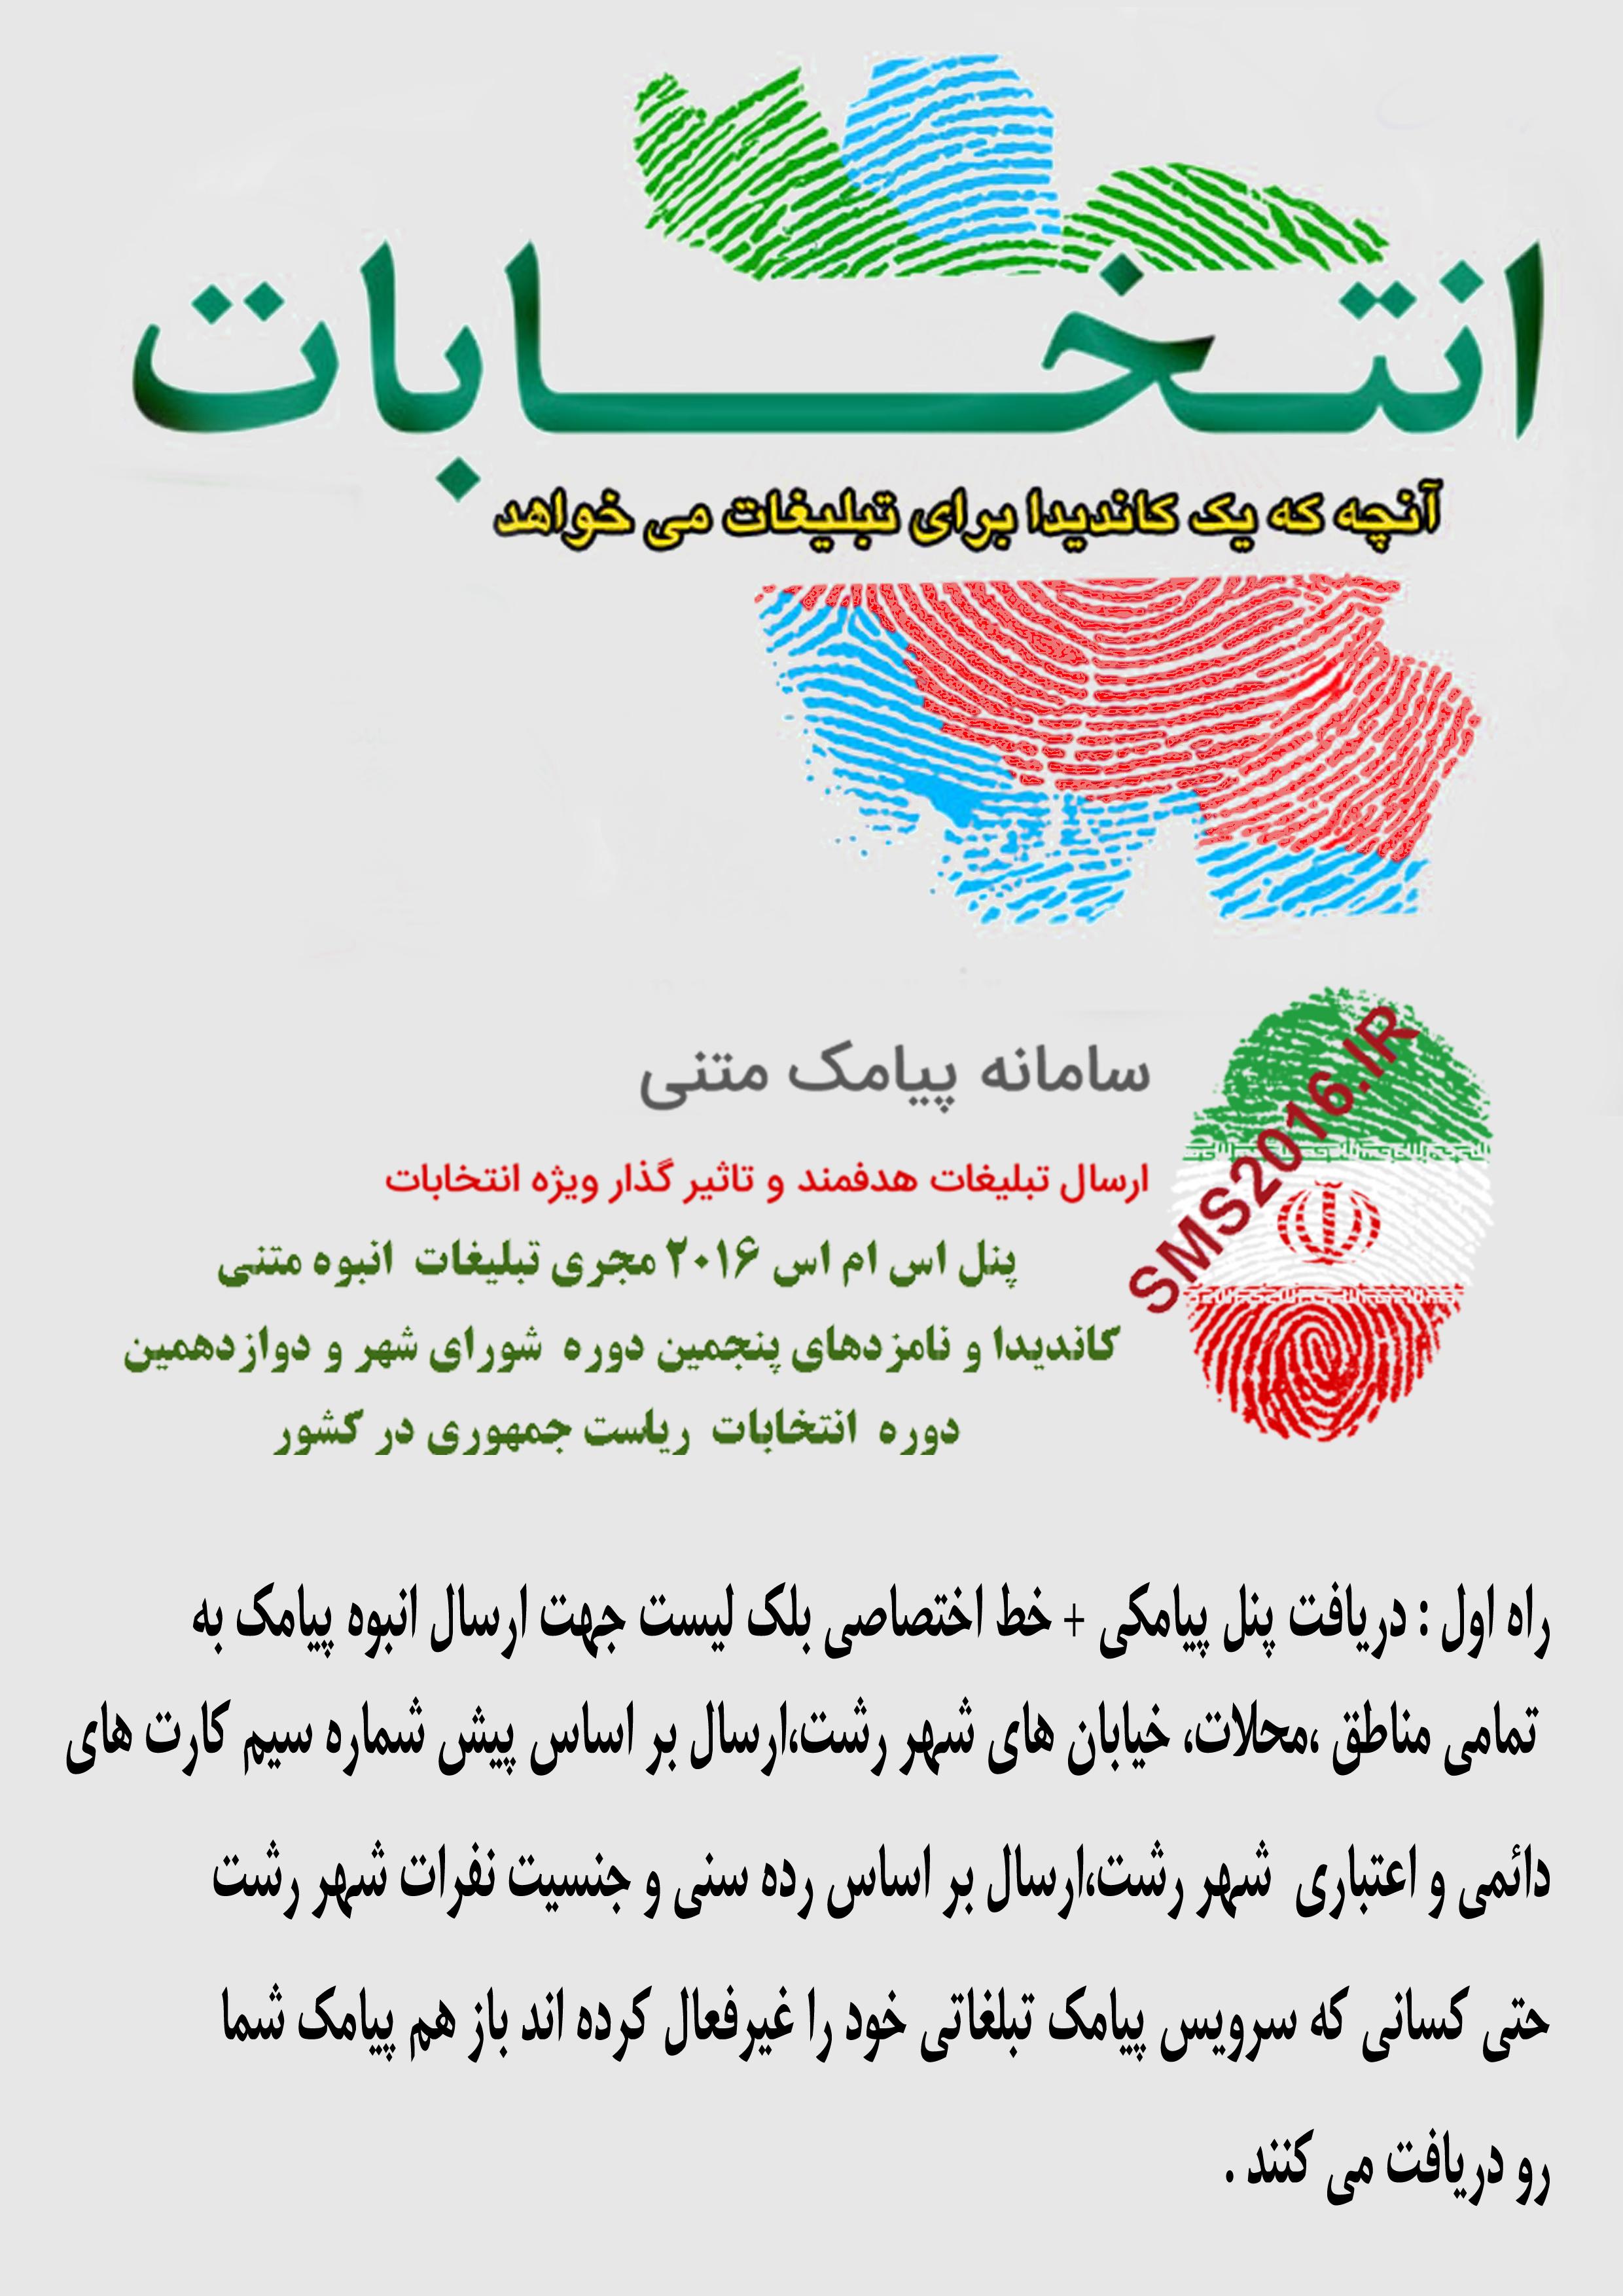 پنجمین دوره انتخابات شورای شهر رشت +و دوازدهمین انتخابات ریاست جمهوری